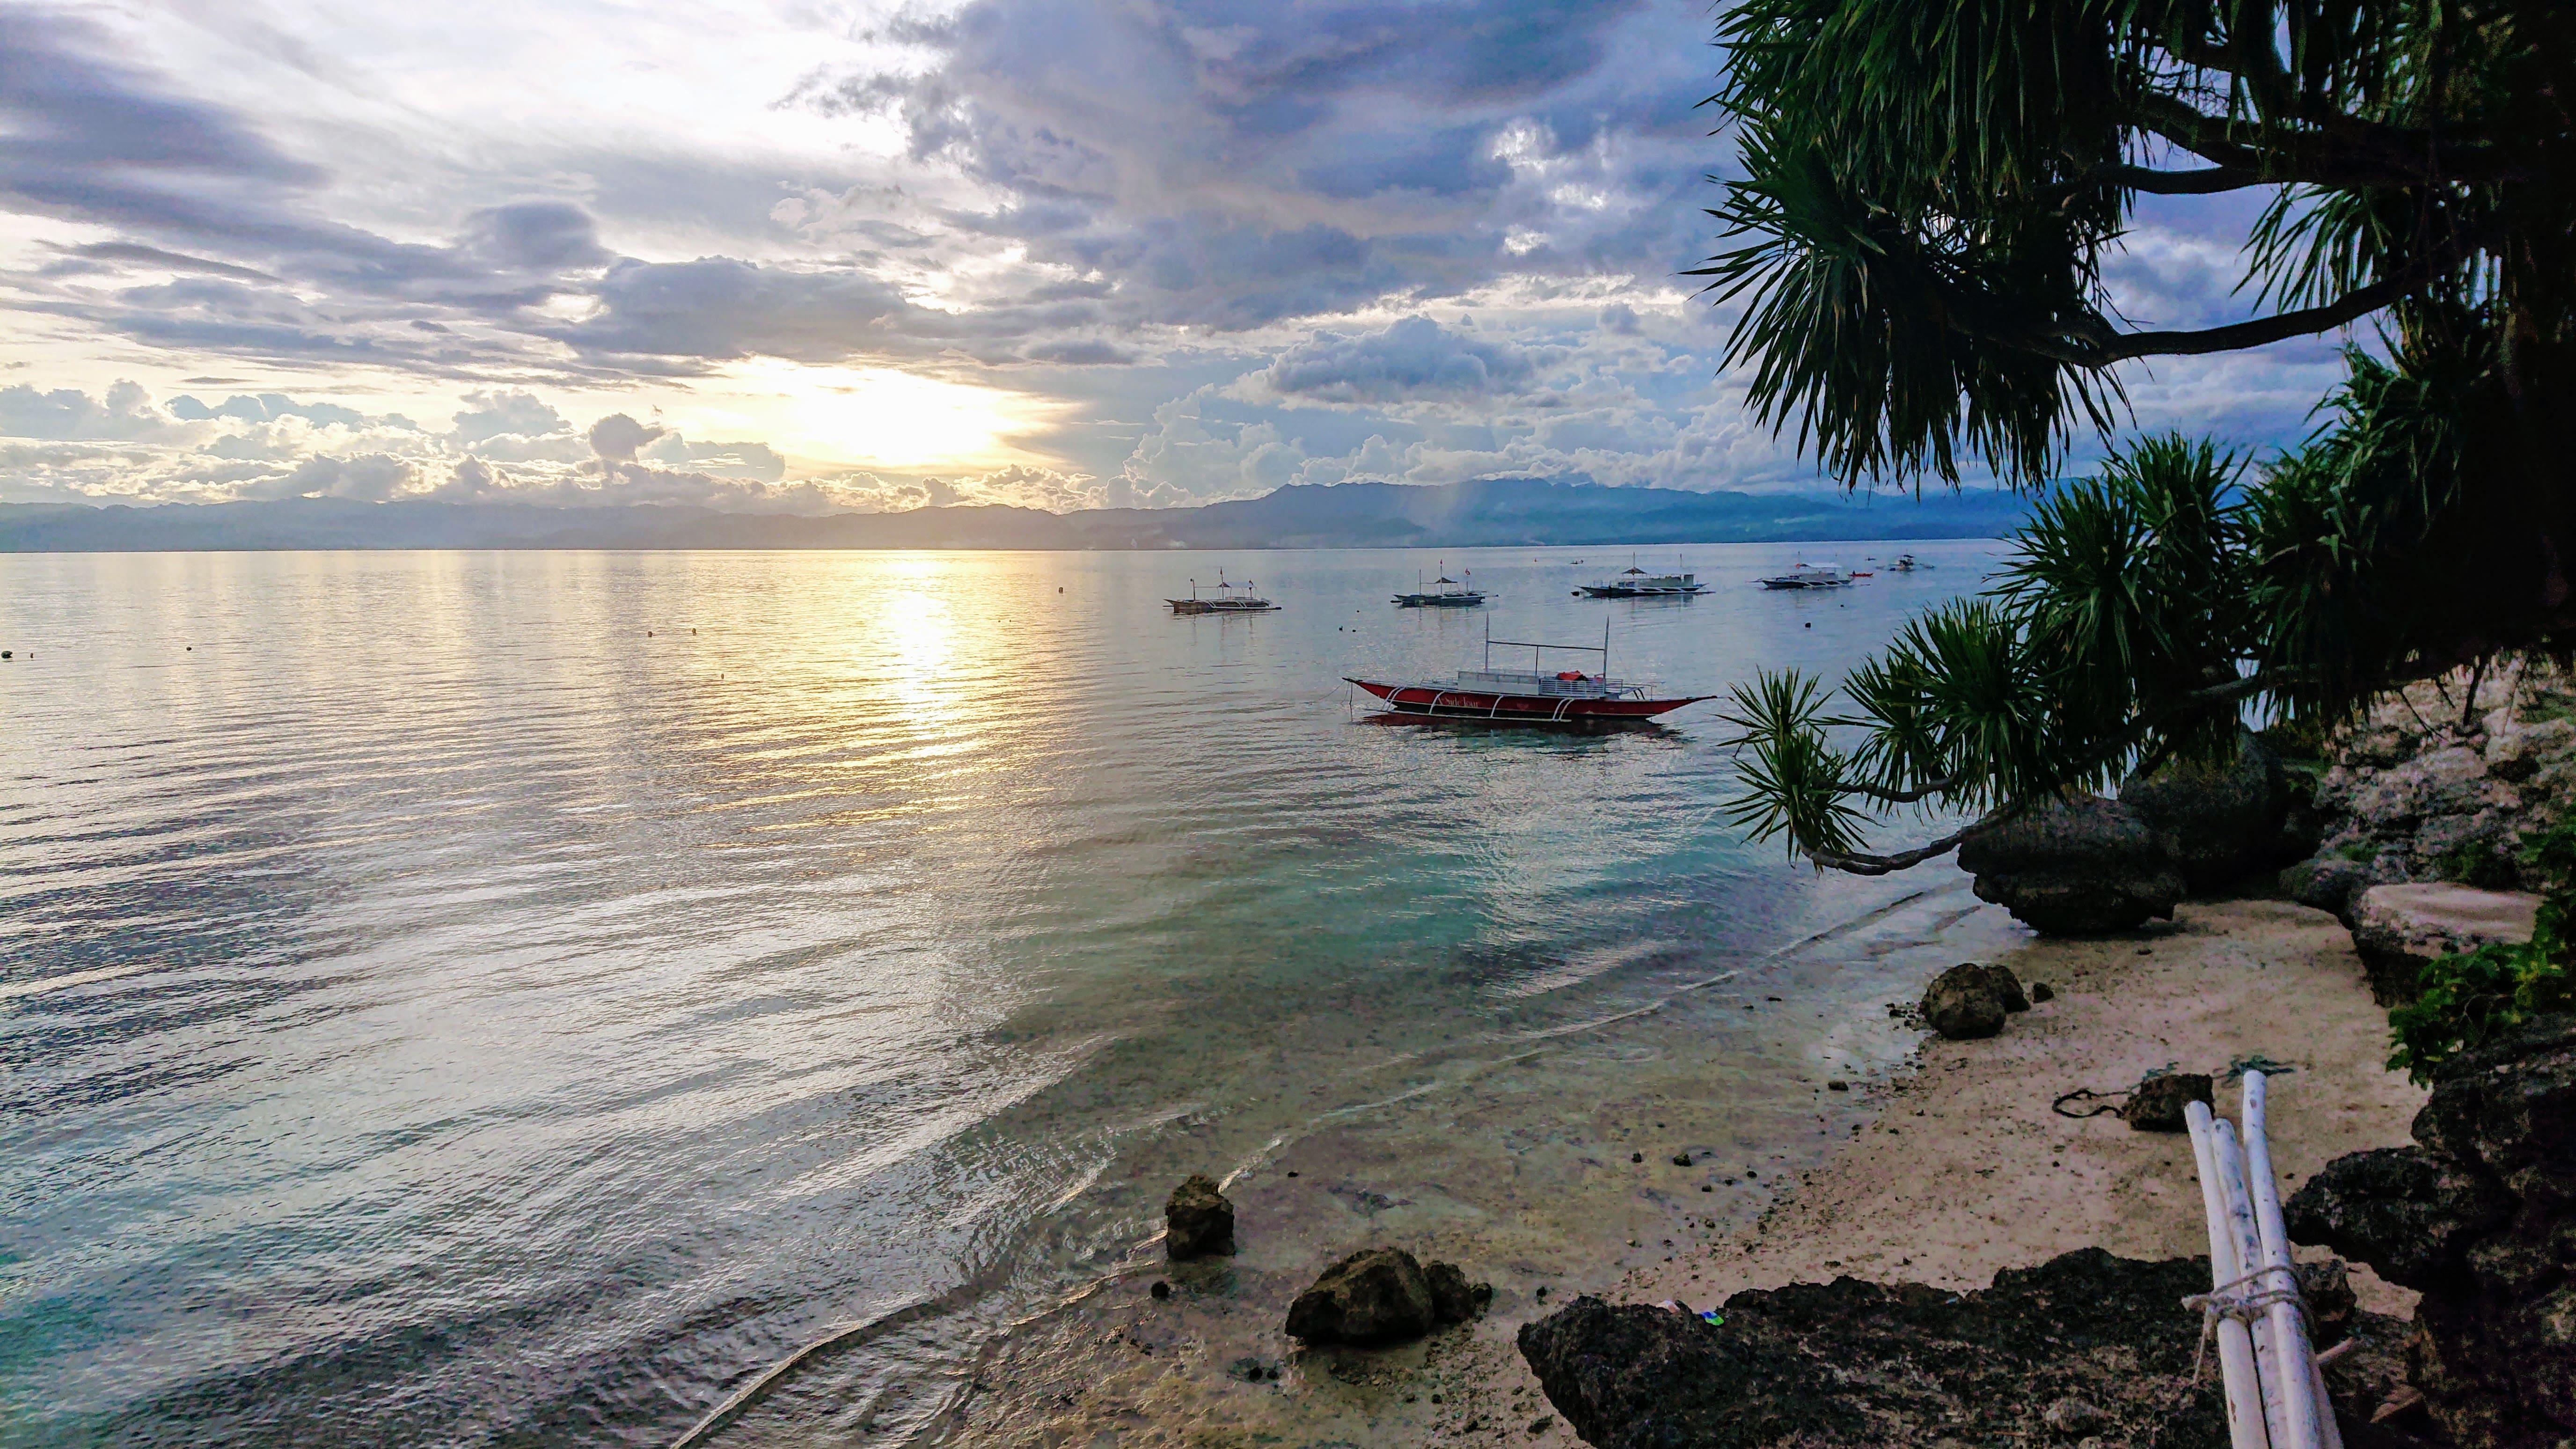 Beach near the Cebu Seaview Dive Resort